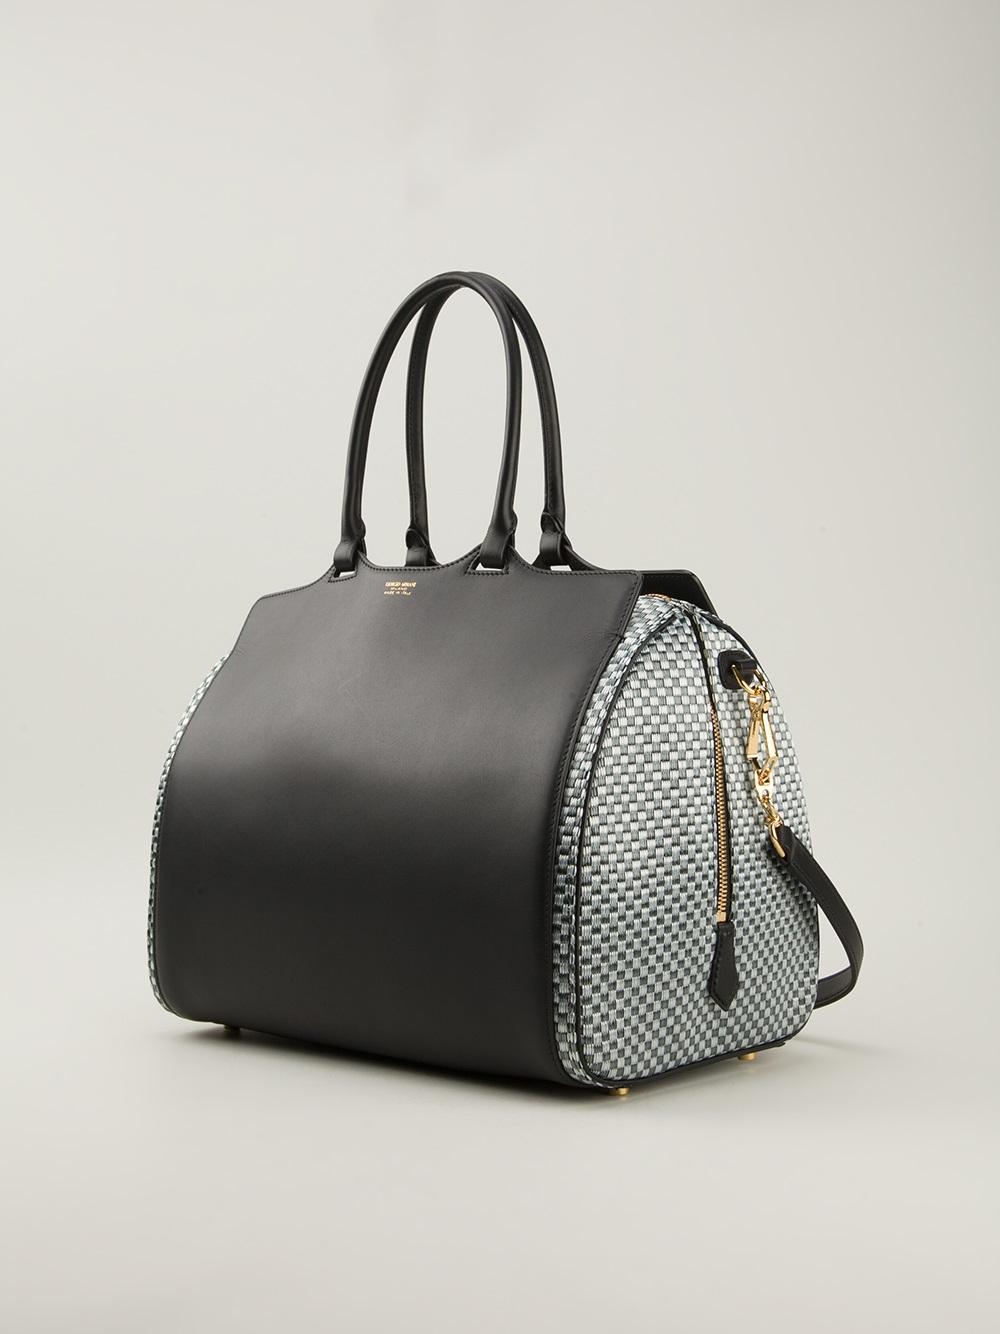 f165963db529 Lyst - Giorgio Armani Bowling Bag in Black